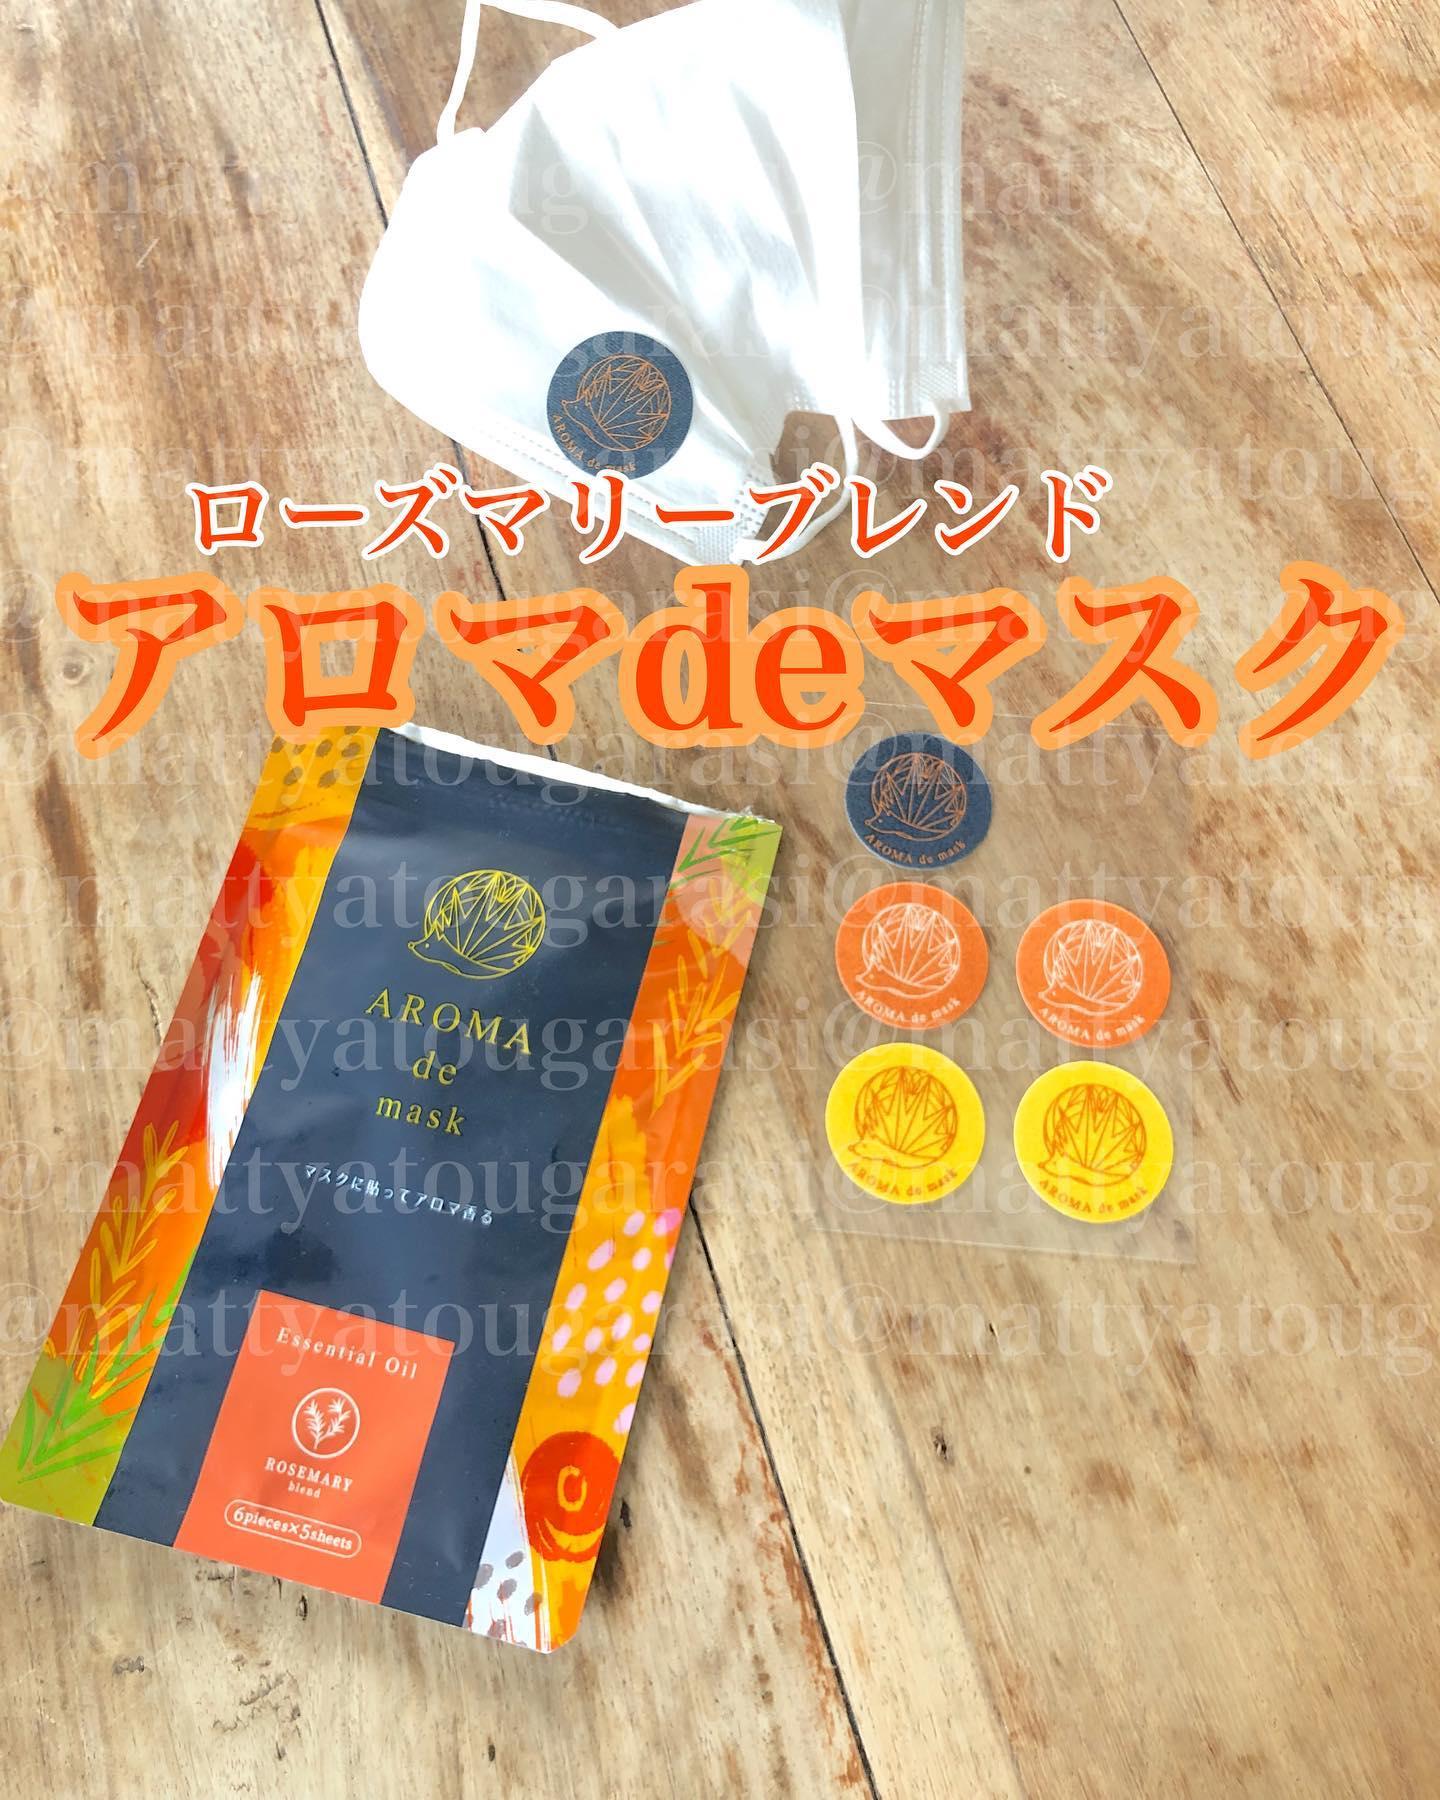 口コミ投稿:アロマdeマスク(アロマデマスク) �ローズマリーの香りを使用してます♥️��オレンジ色…